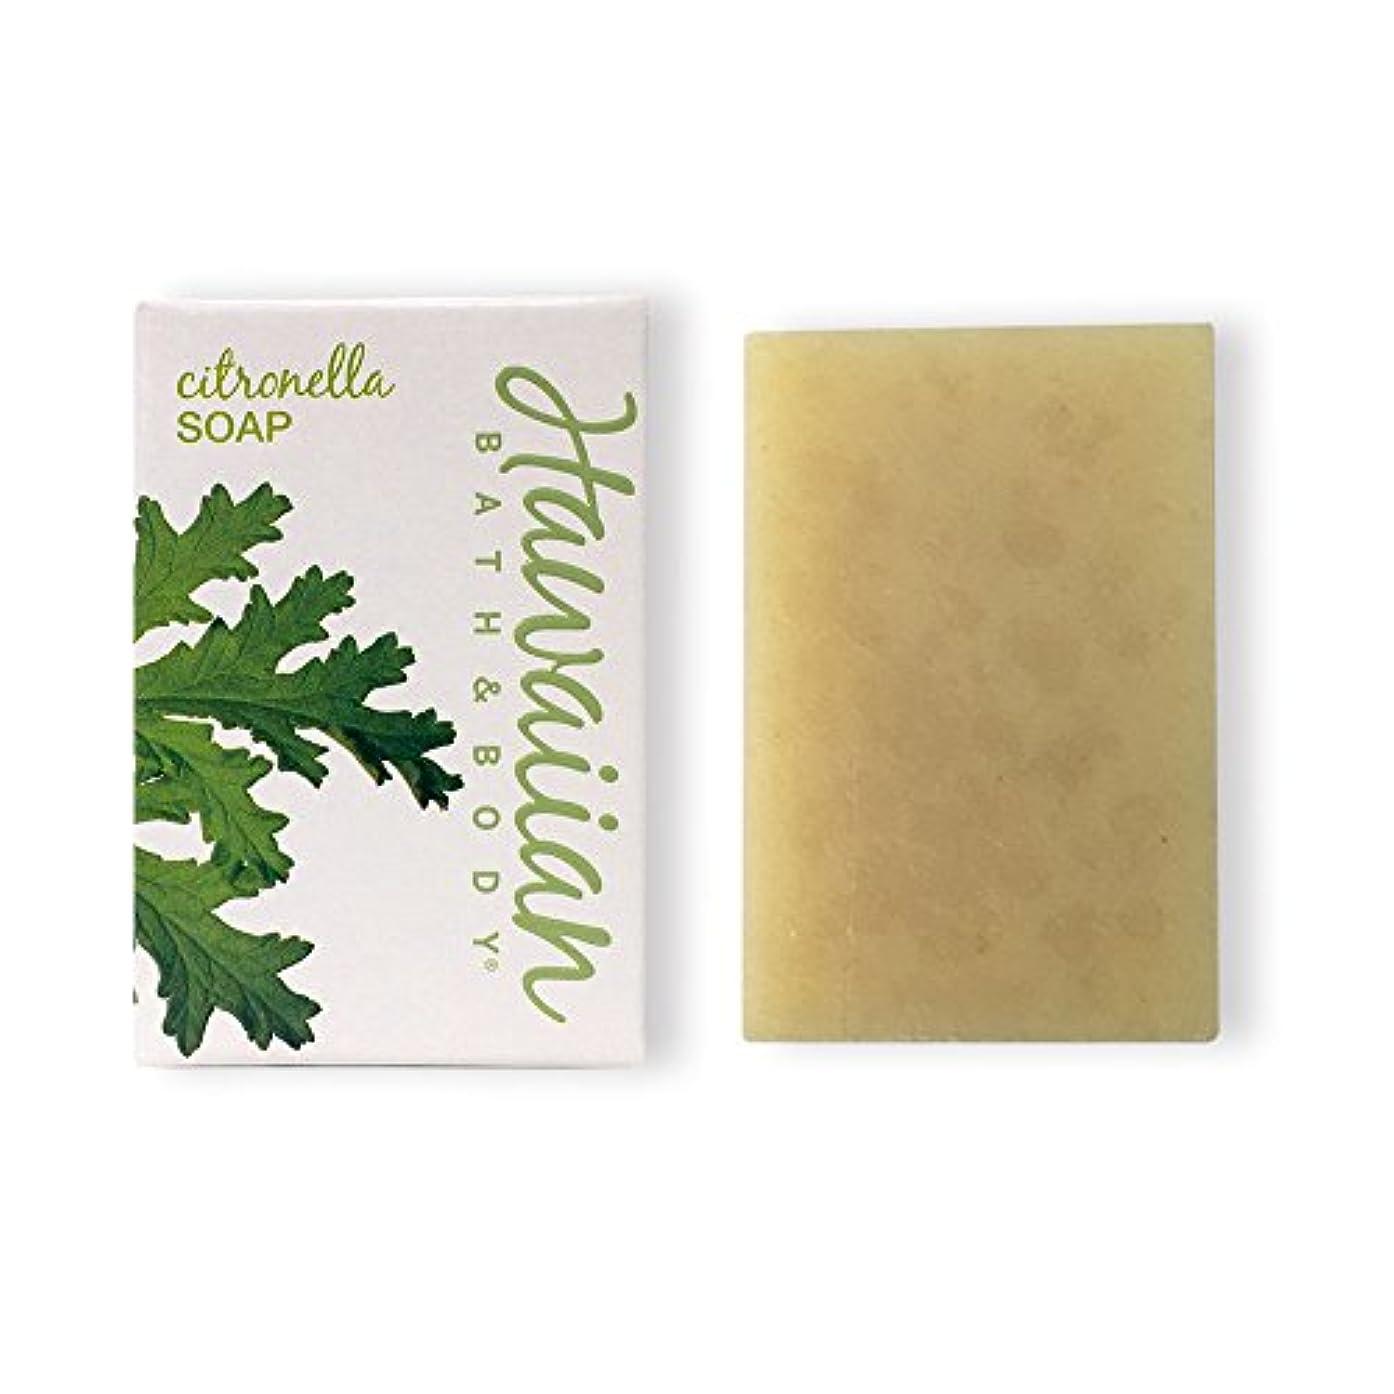 シャット克服するネイティブハワイアンバス&ボディ シトロネラソープ(ビーチバー)( Citronella Soap )